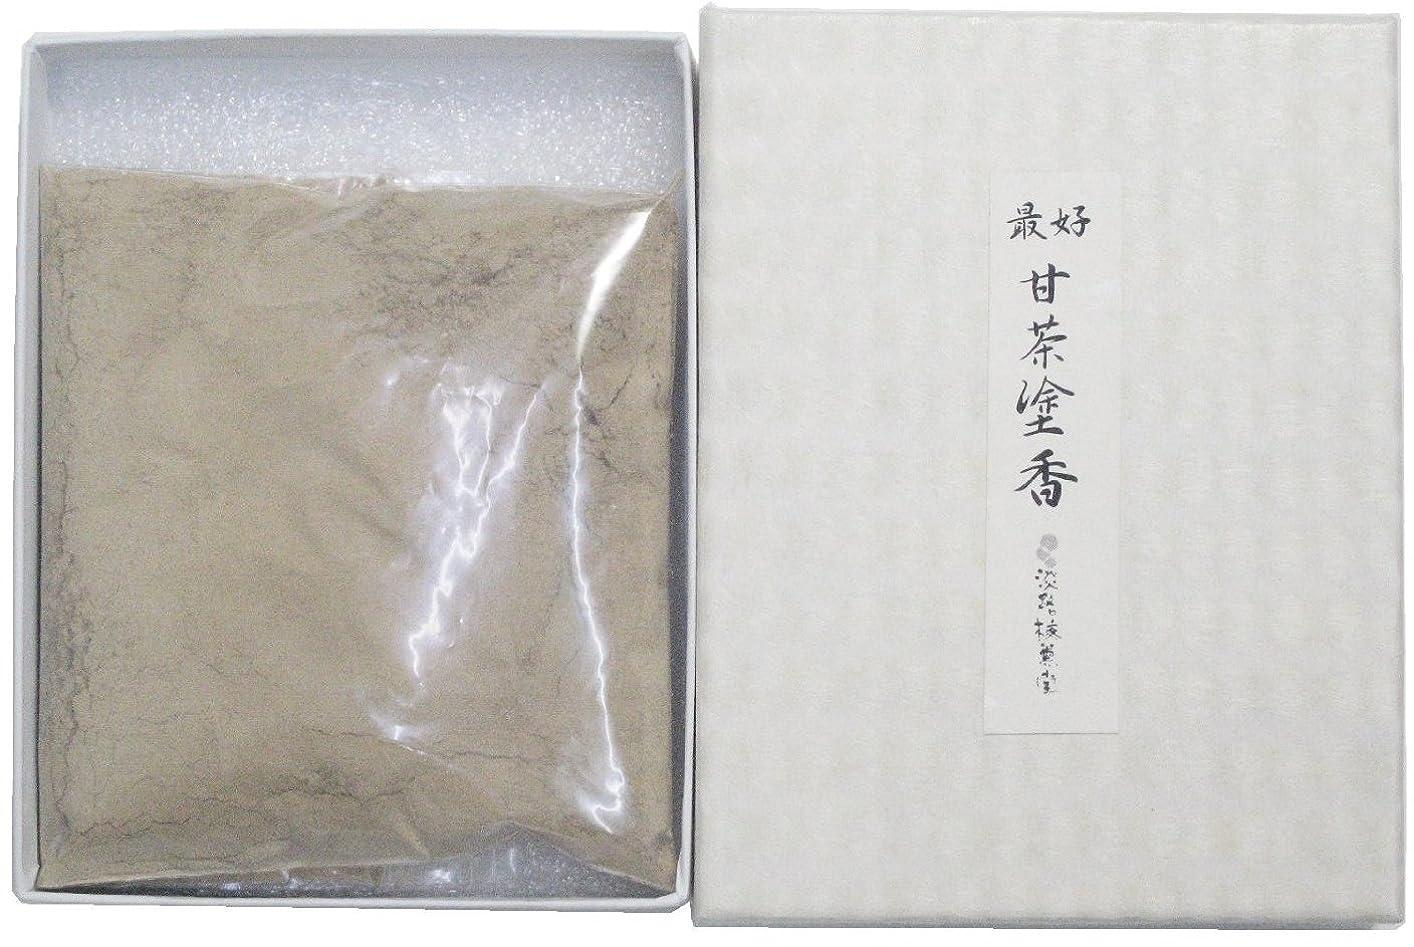 原子蒸留トロリー淡路梅薫堂の塗香 最好甘茶塗香 30g ( ずこう ) 粉末 #503